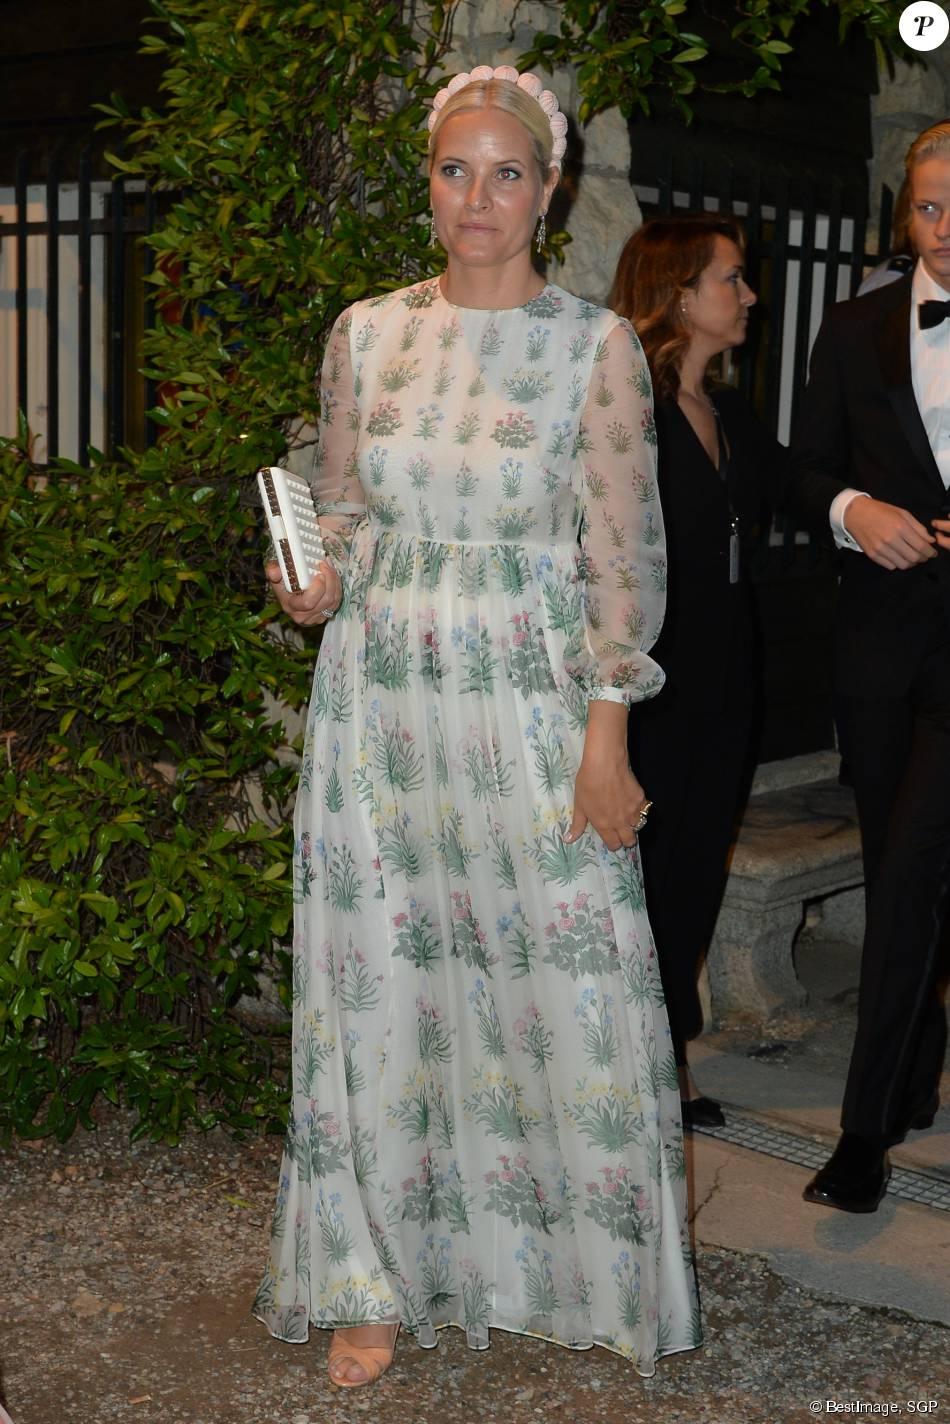 La princesse Mette-Marit de Norvège - Arrivées pour la soirée de mariage de Pierre Casiraghi et Beatrice Borromeo au château Rocca Angera (château appartenant à la famille Borromeo) à Angera sur les Iles Borromées, sur le Lac Majeur, le 1er août 2015.